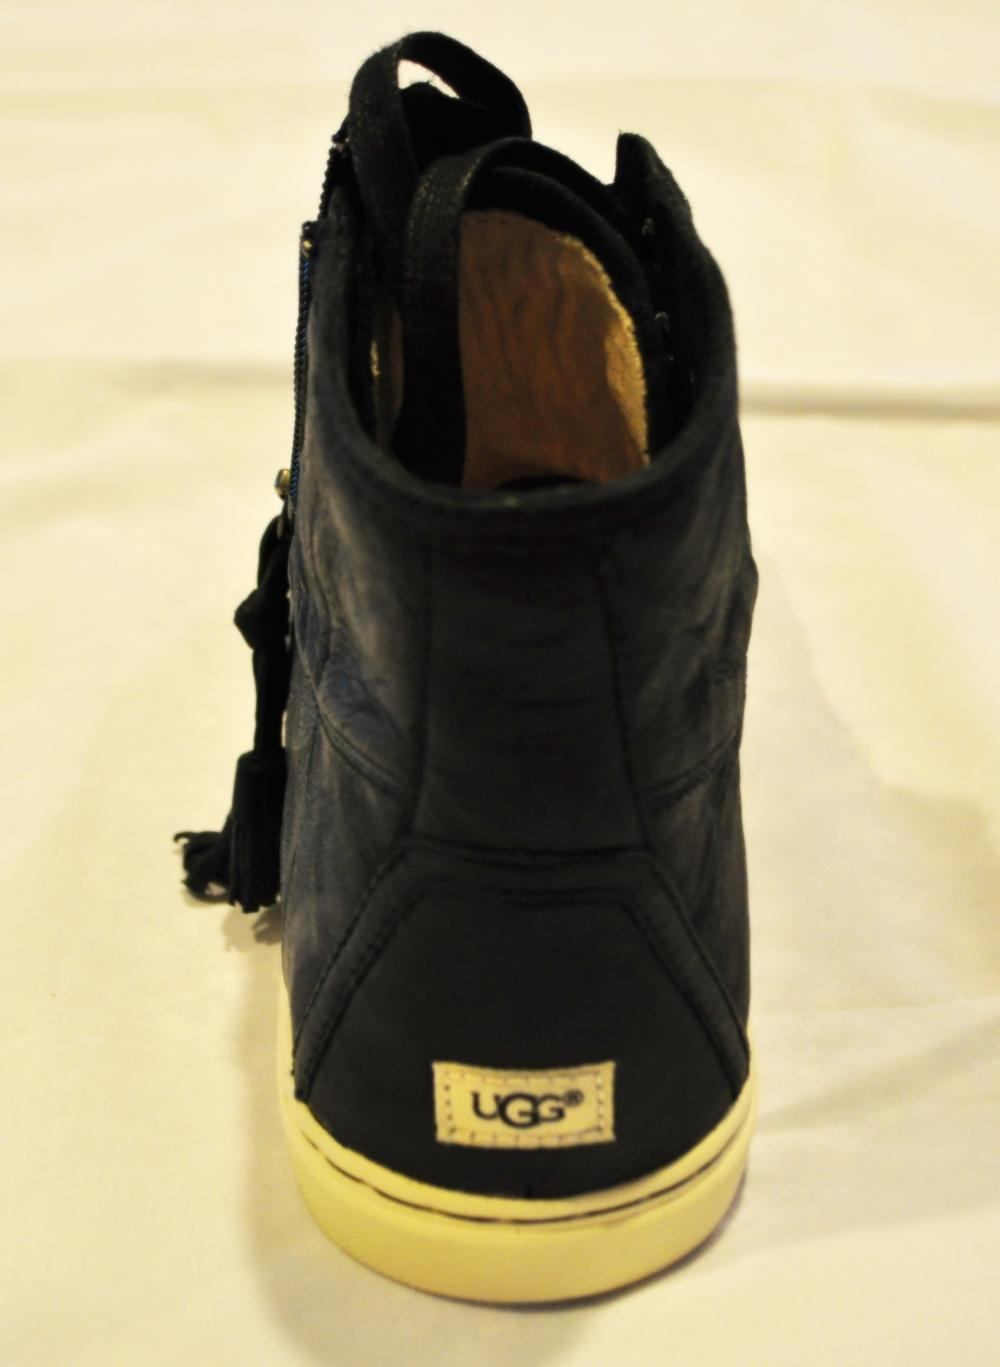 sneakers pic 2.jpg